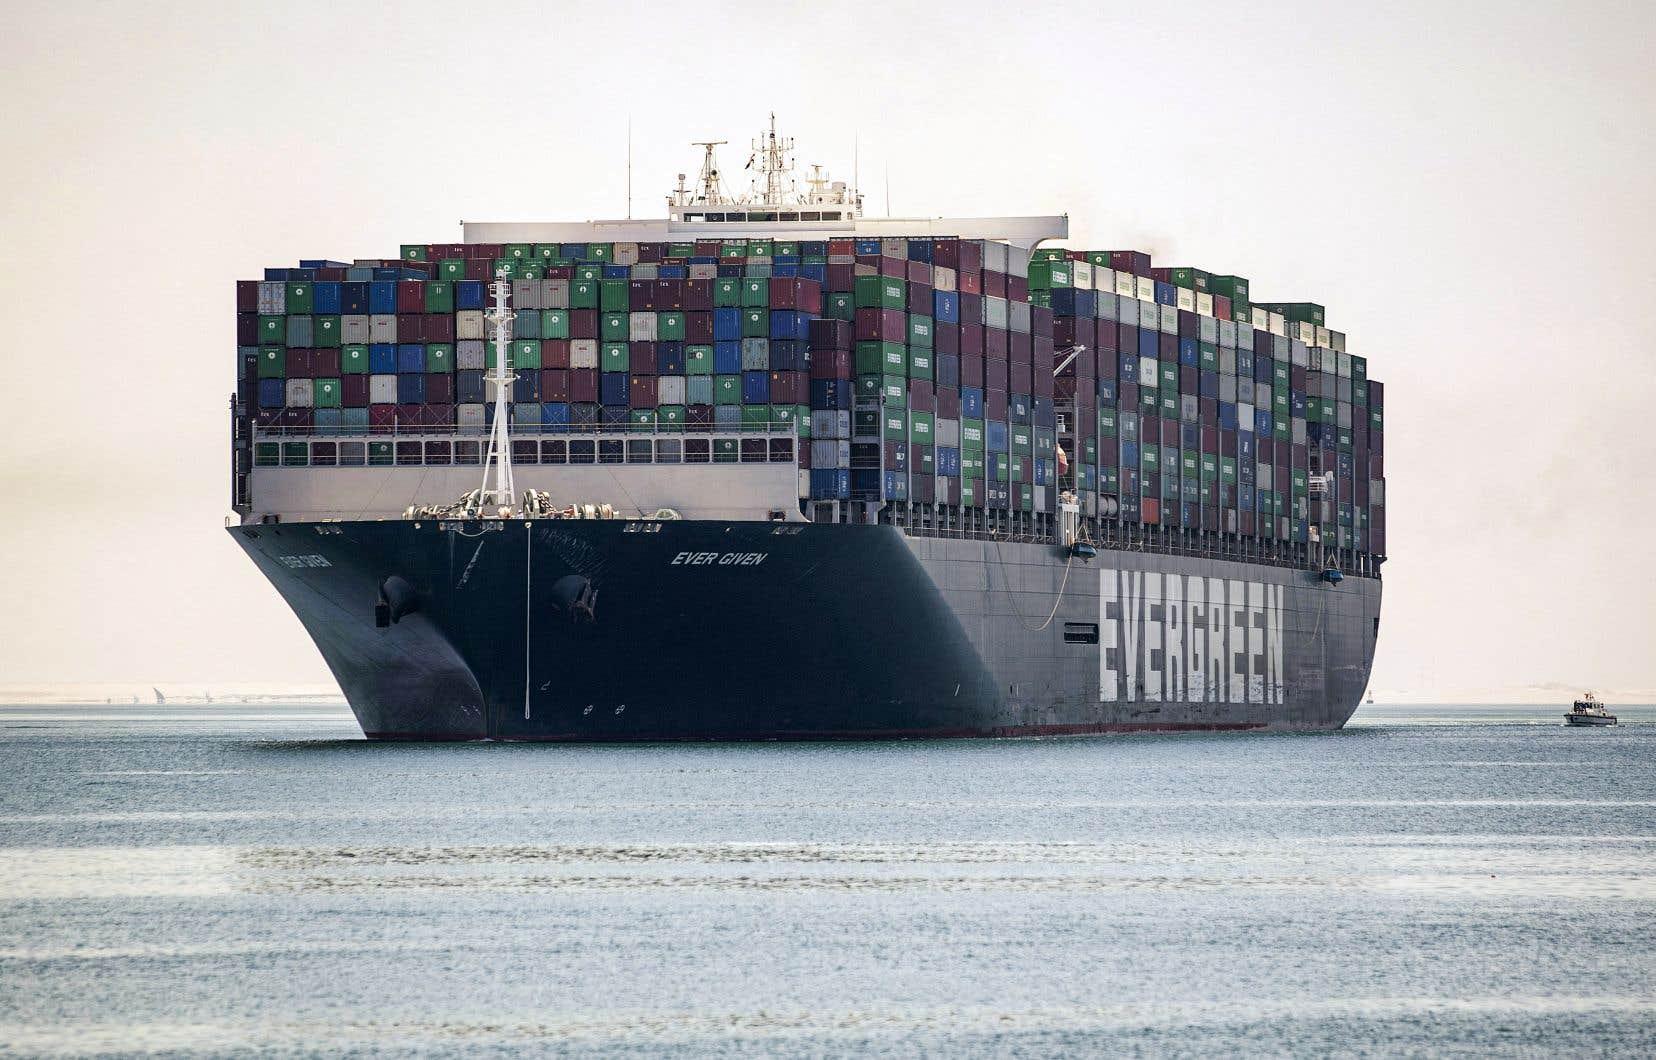 Le porte-conteneurs géant Ever Given, qui avait bloqué le canal de Suez en mars, a repris sa route mercredi après 100 jours d'immobilisation.